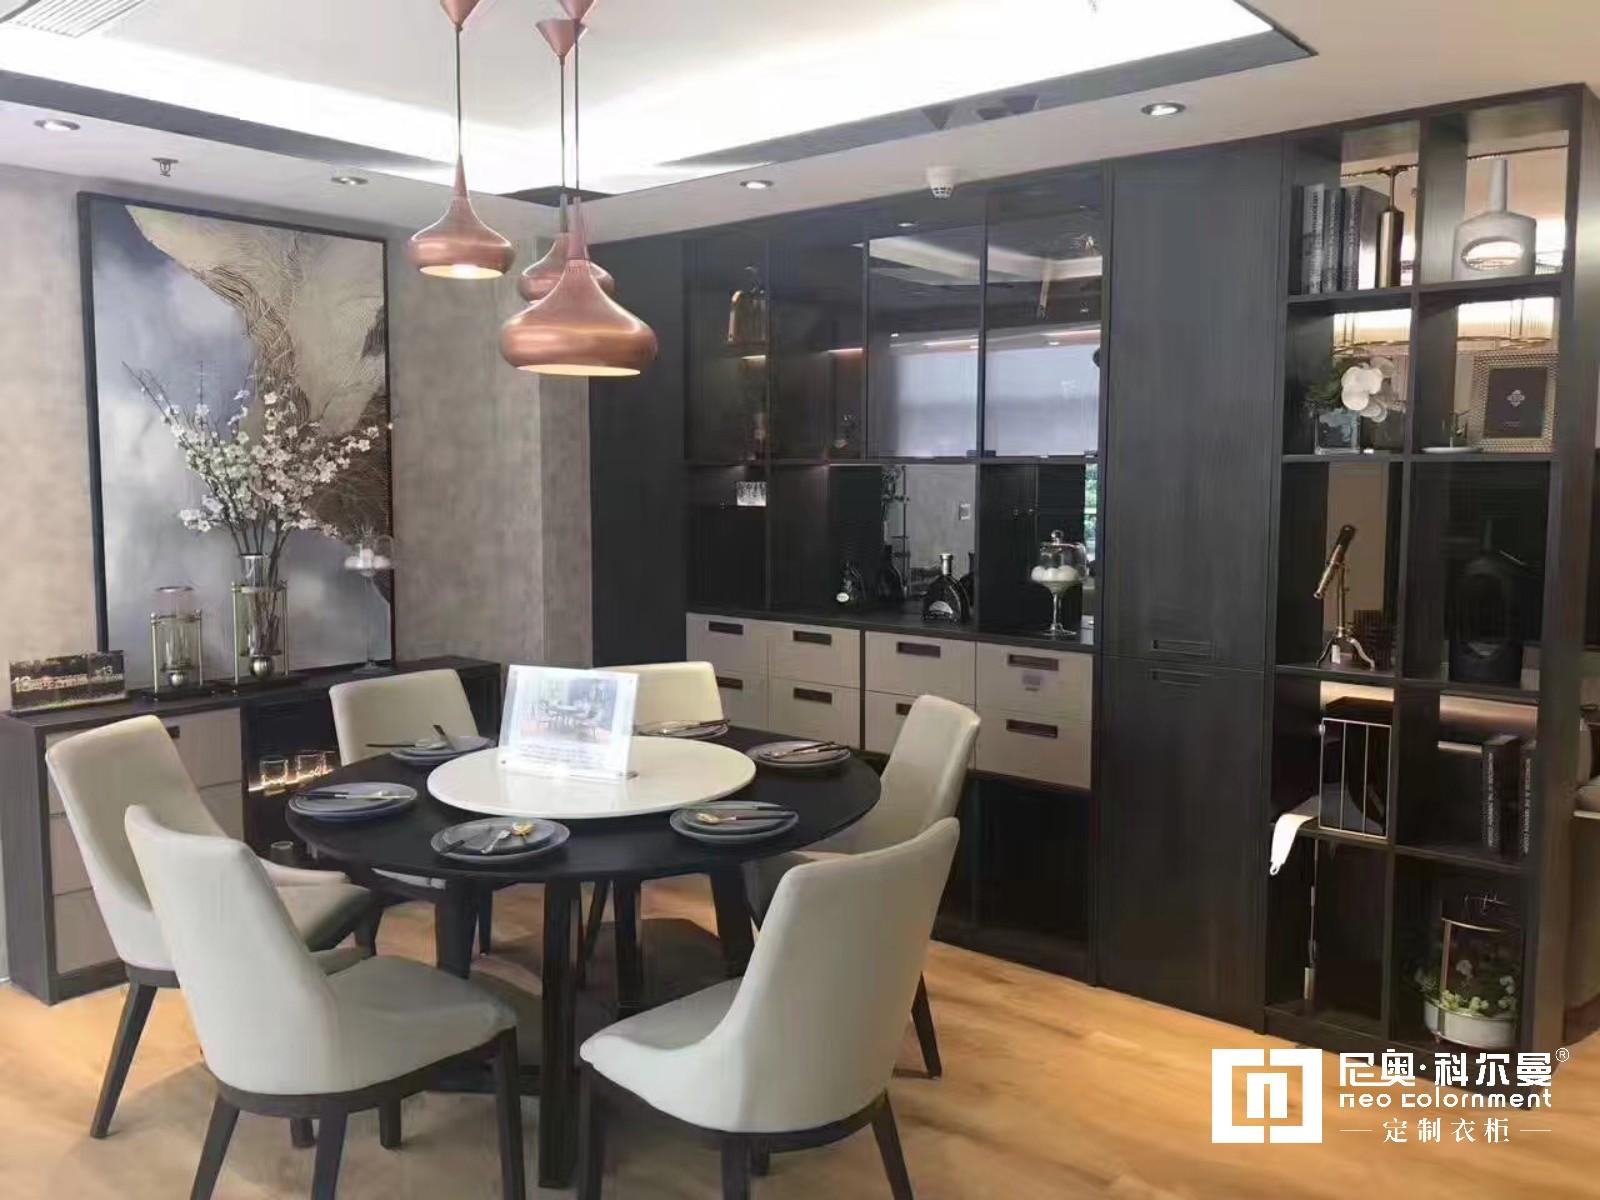 尼奥·科尔曼  欧式现代定制餐厅柜